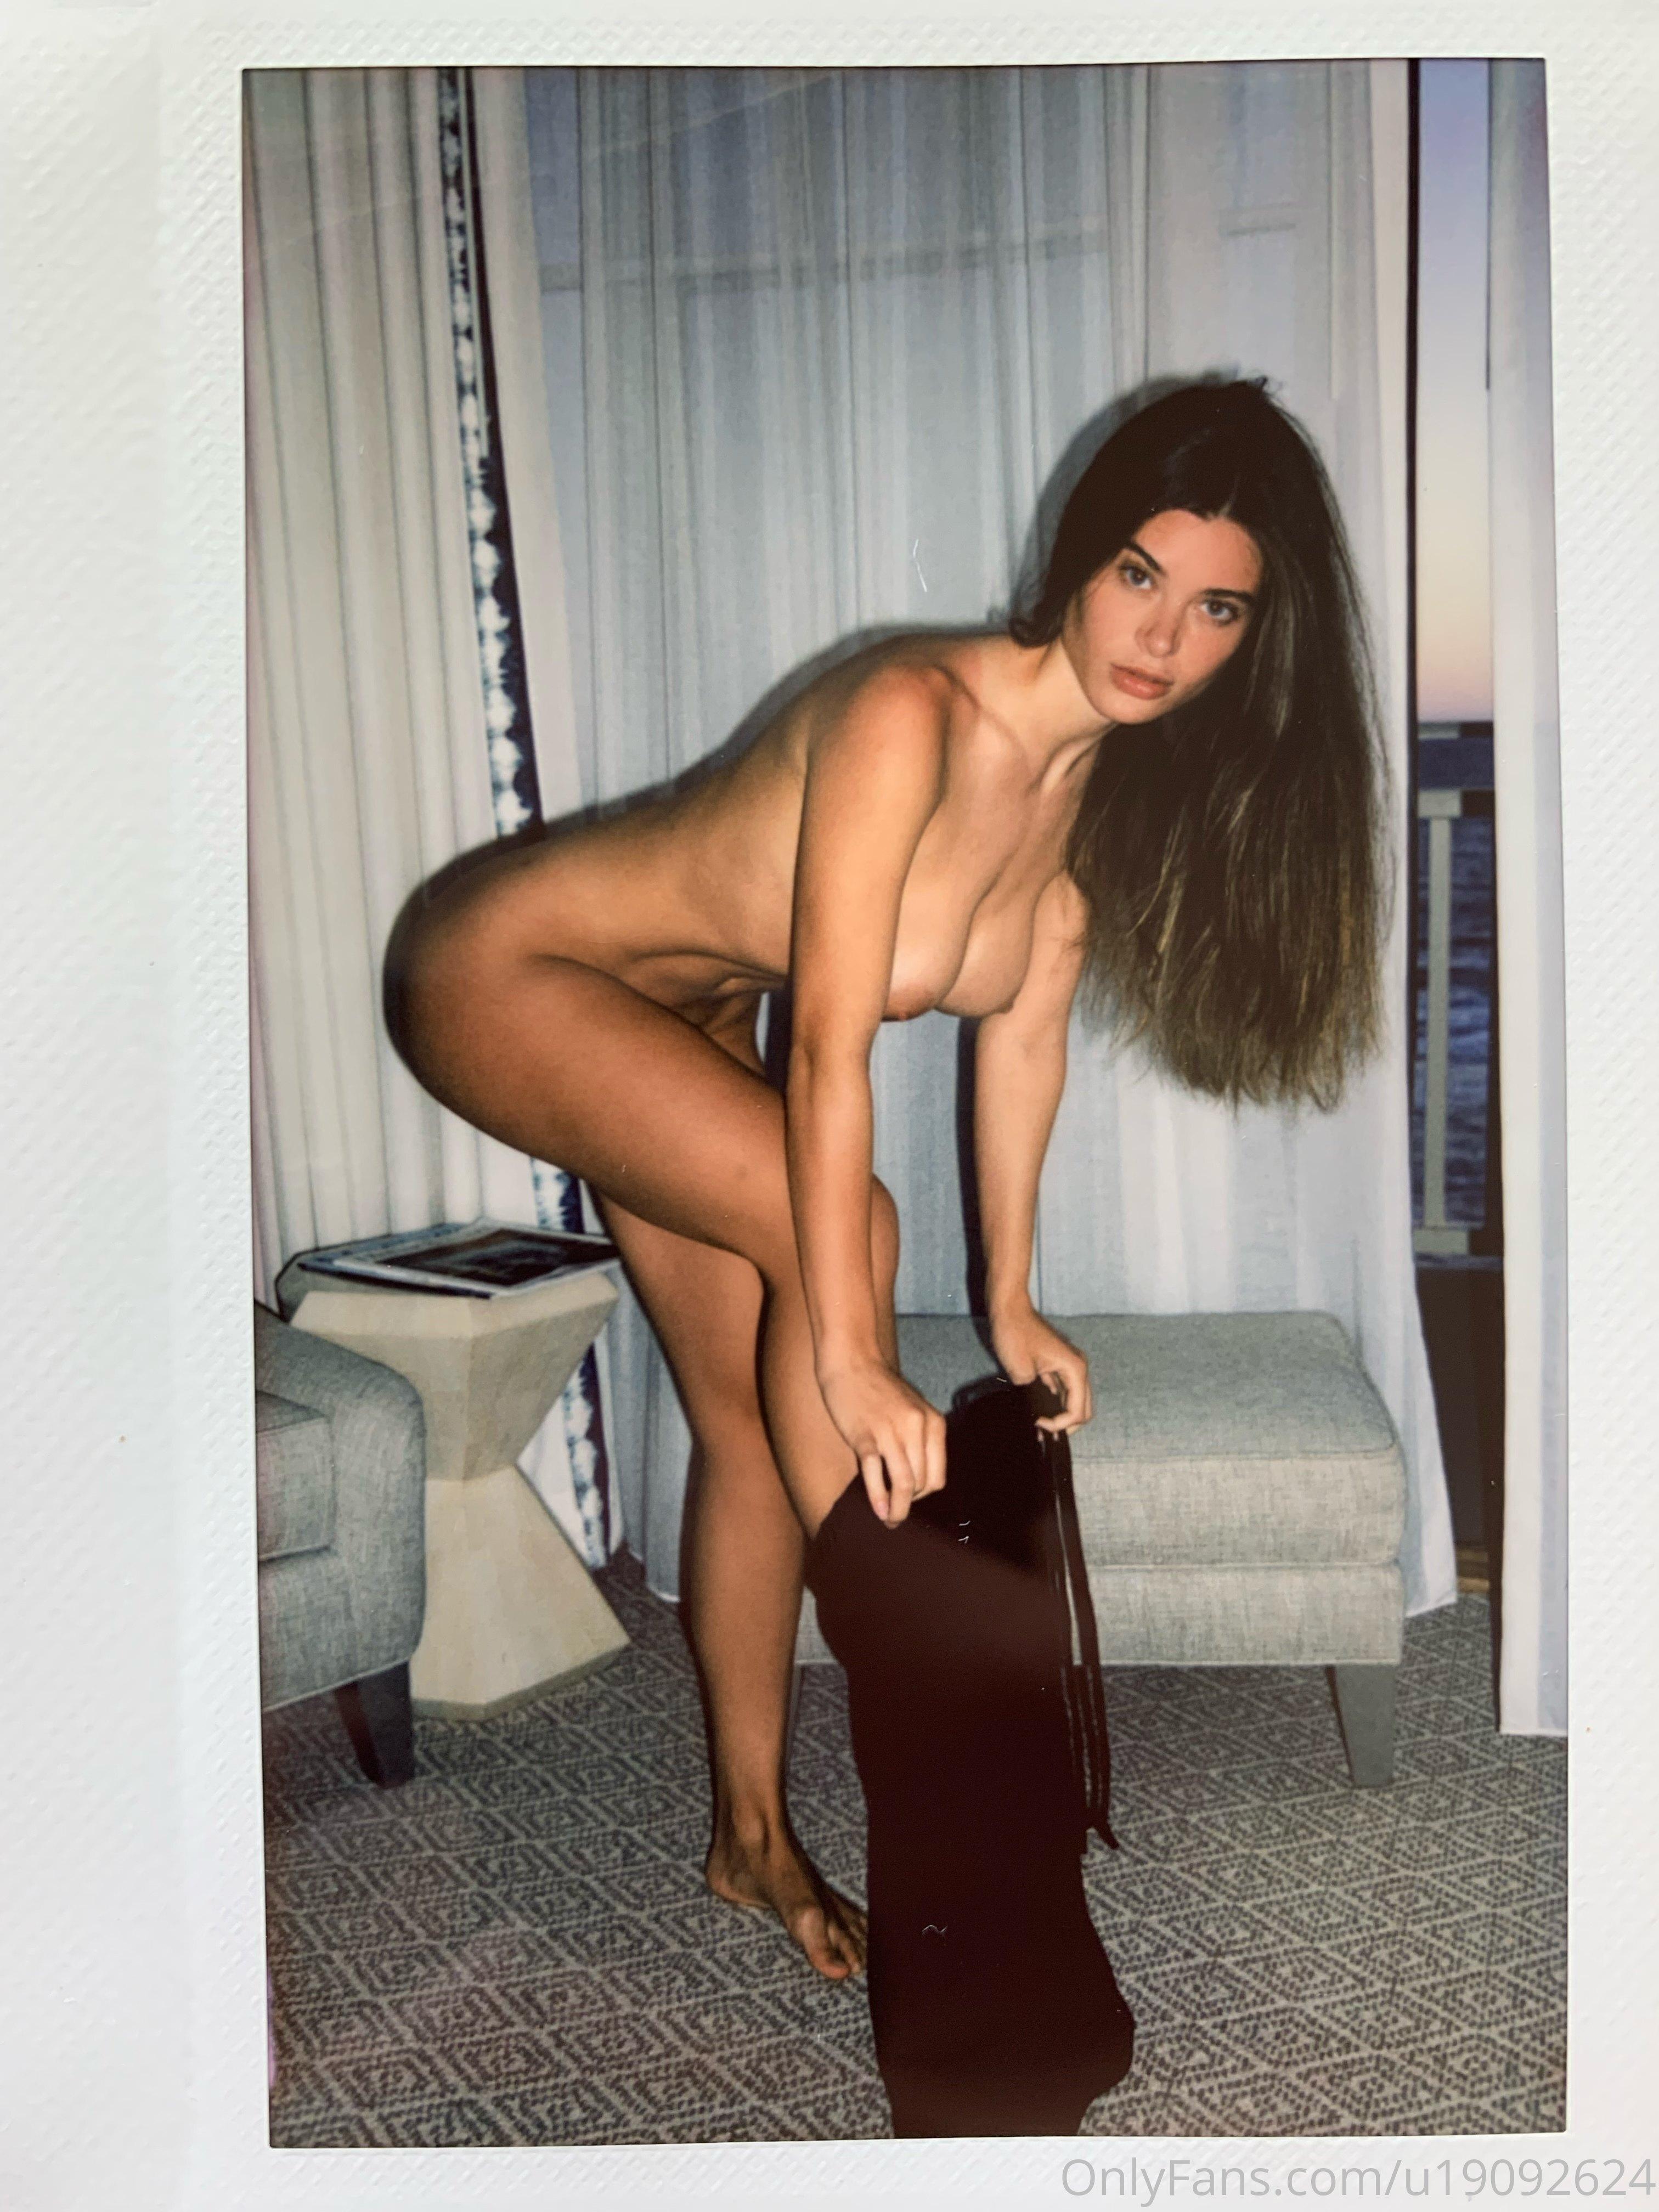 Lana Rhoades, Lanarhoades, Onlyfans Nude Leaks 0006